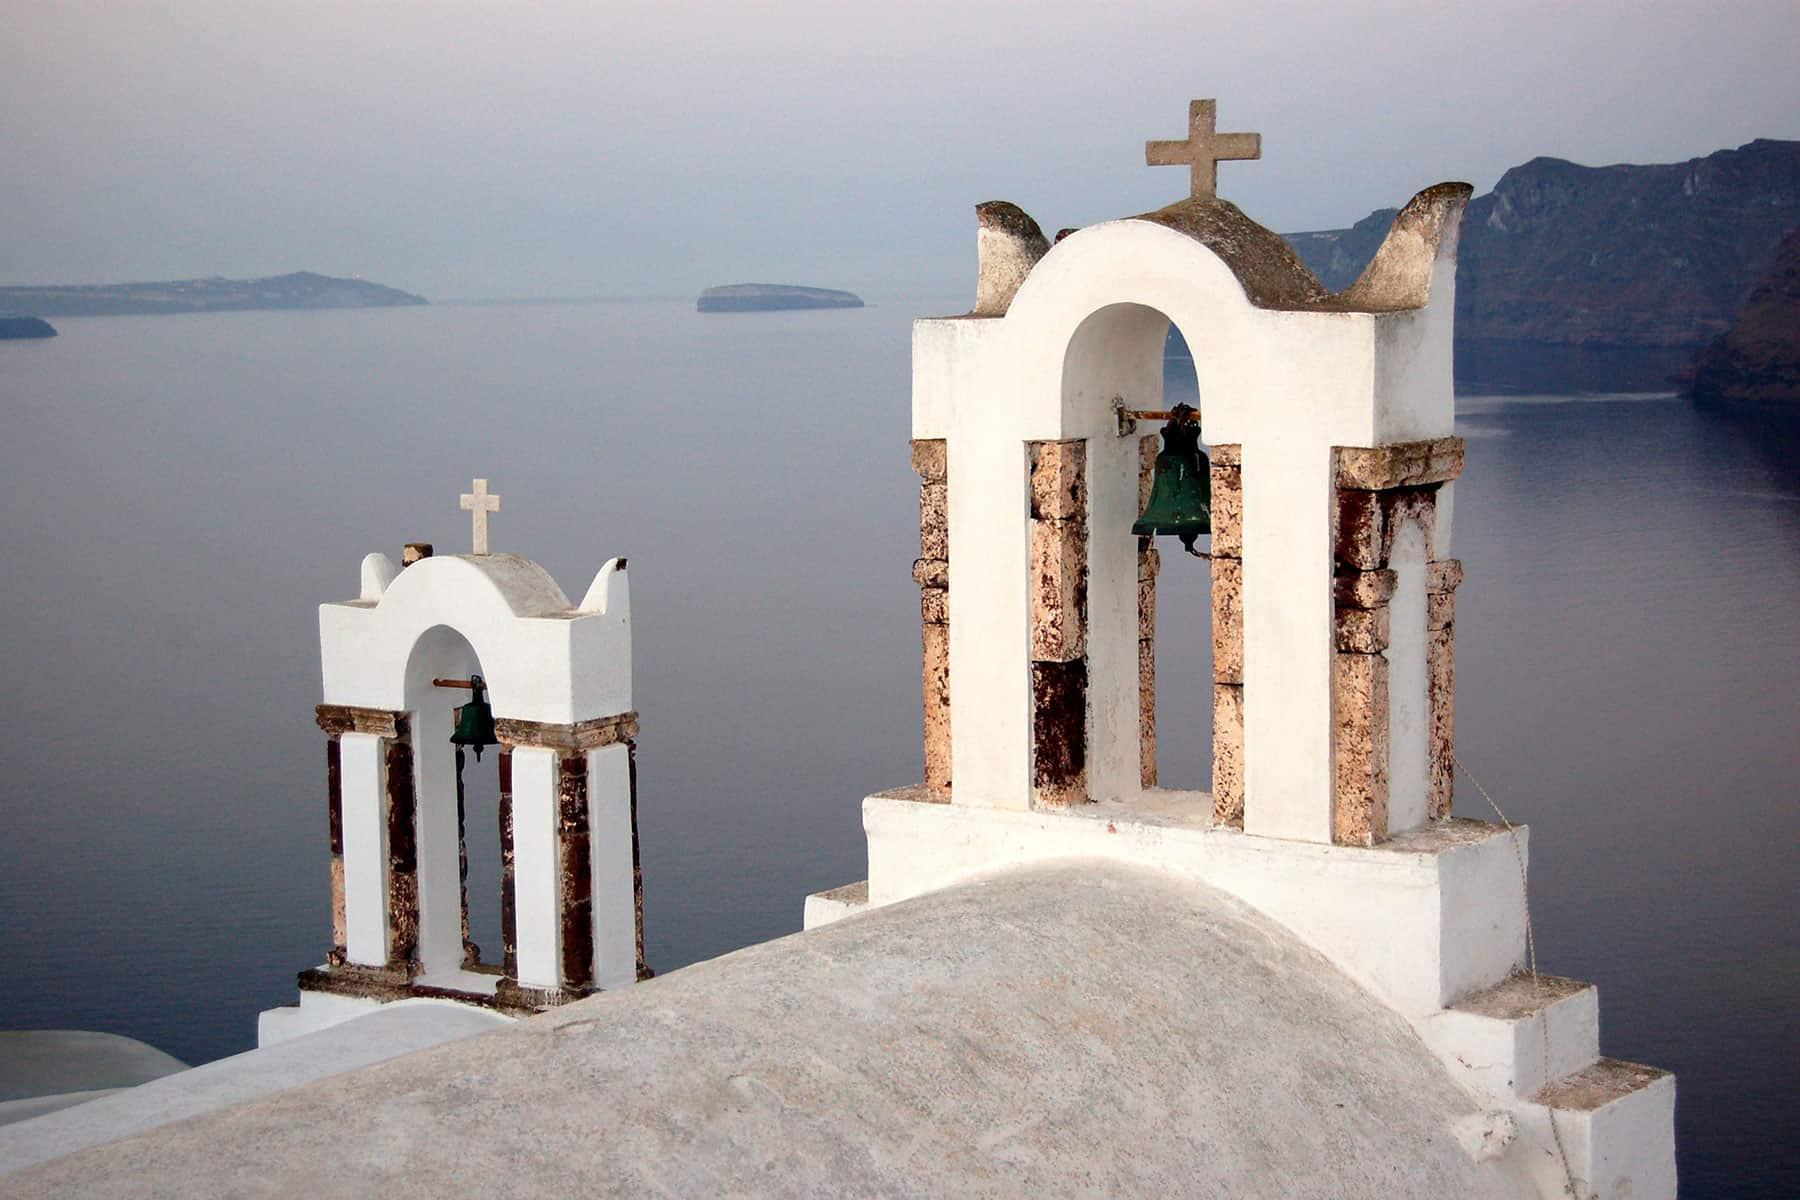 Resor-till-Grekland-med-boende-på-hotell-Santori-Secret4-med-Nygren-Lind-Resebryå